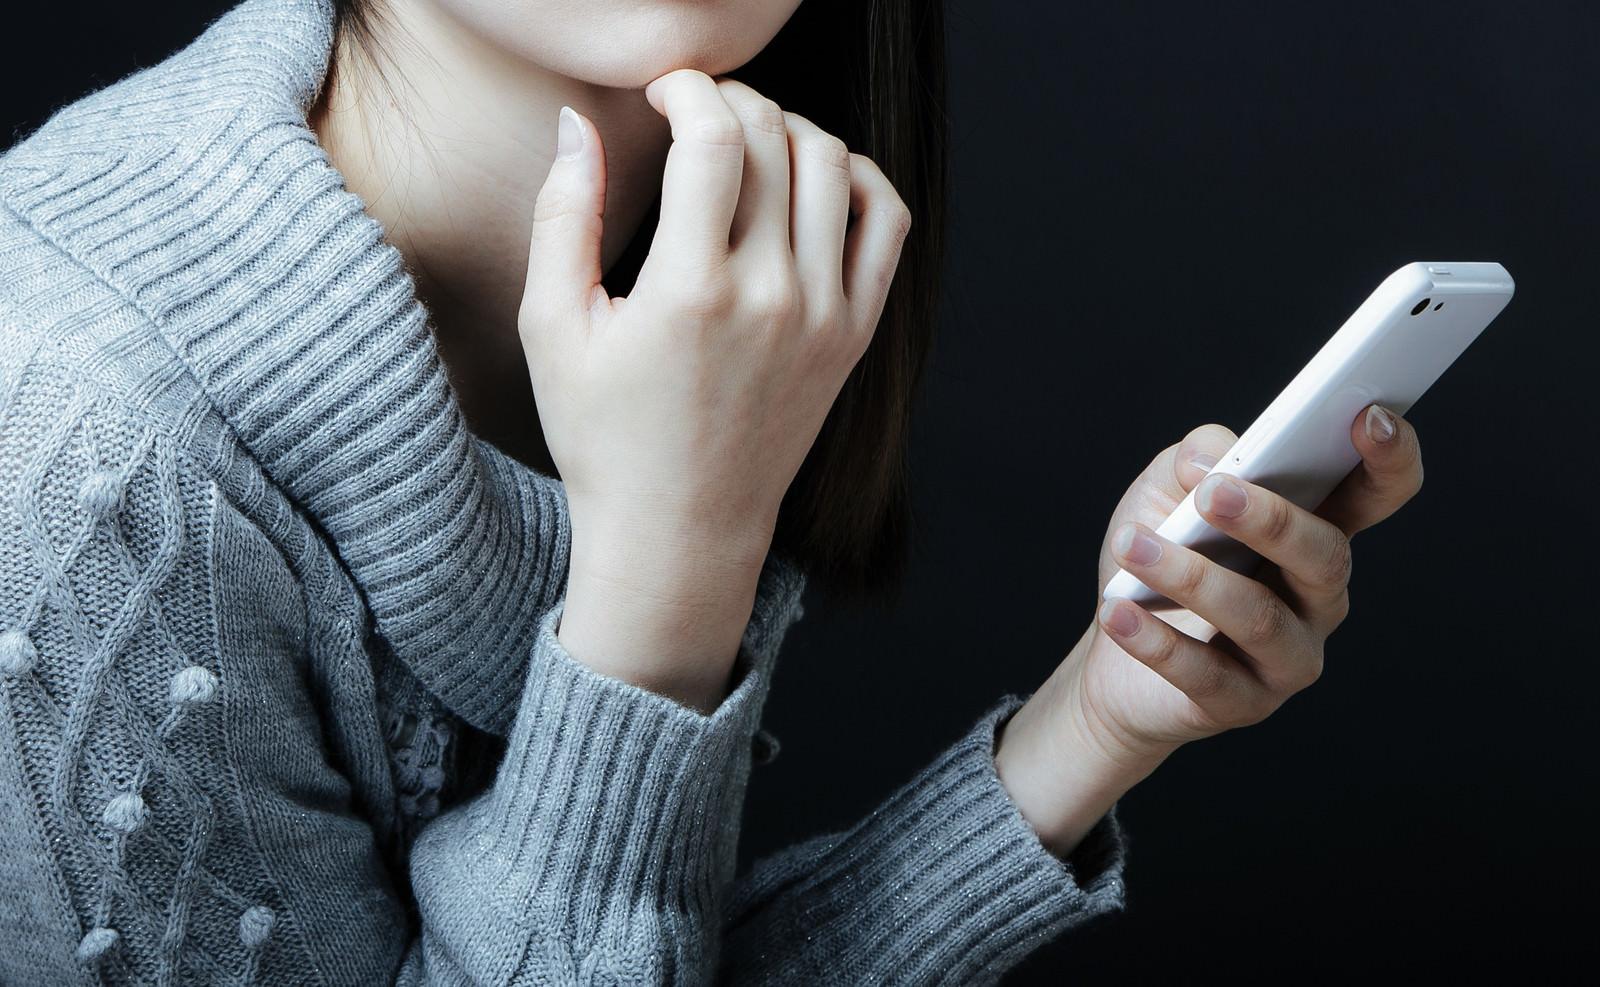 スマートフォンをチェックする女性